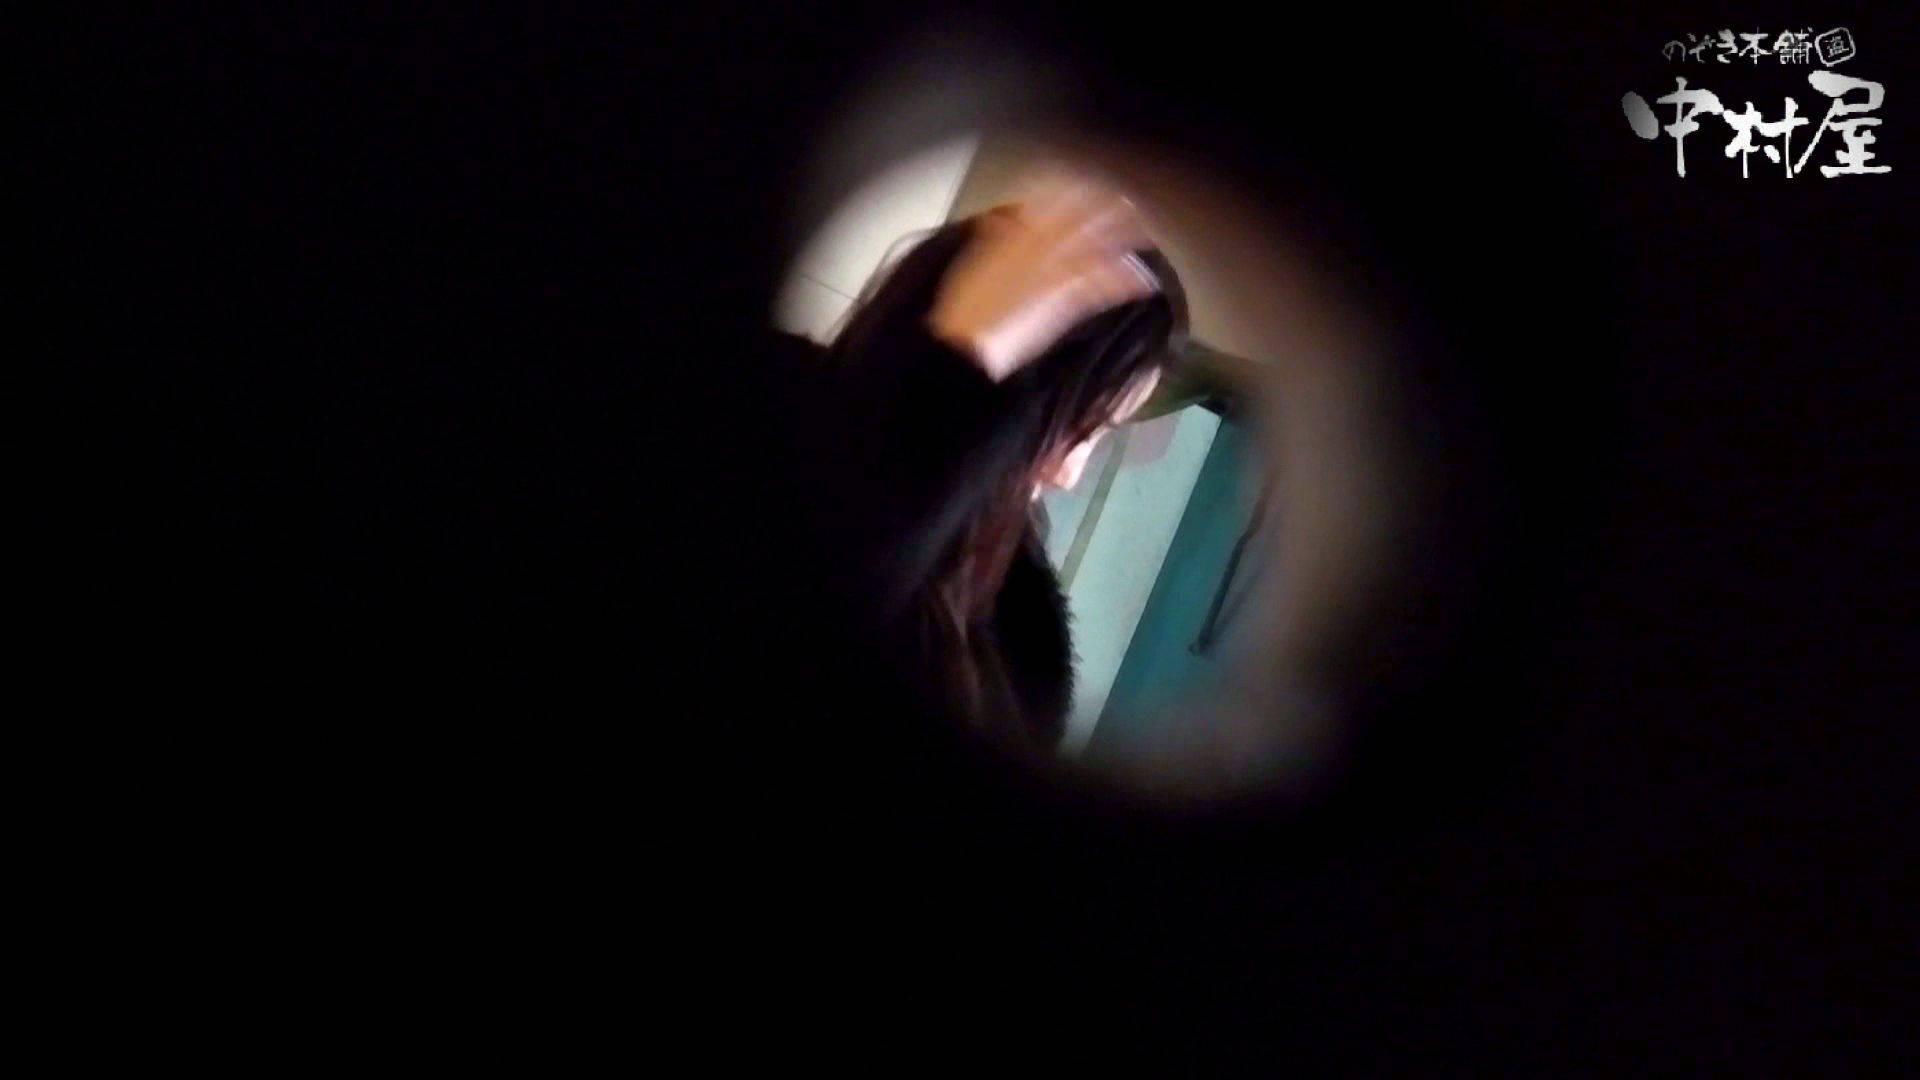 【世界の射窓から】世界の射窓から vol.7 洗面所 | OL女体  49連発 1